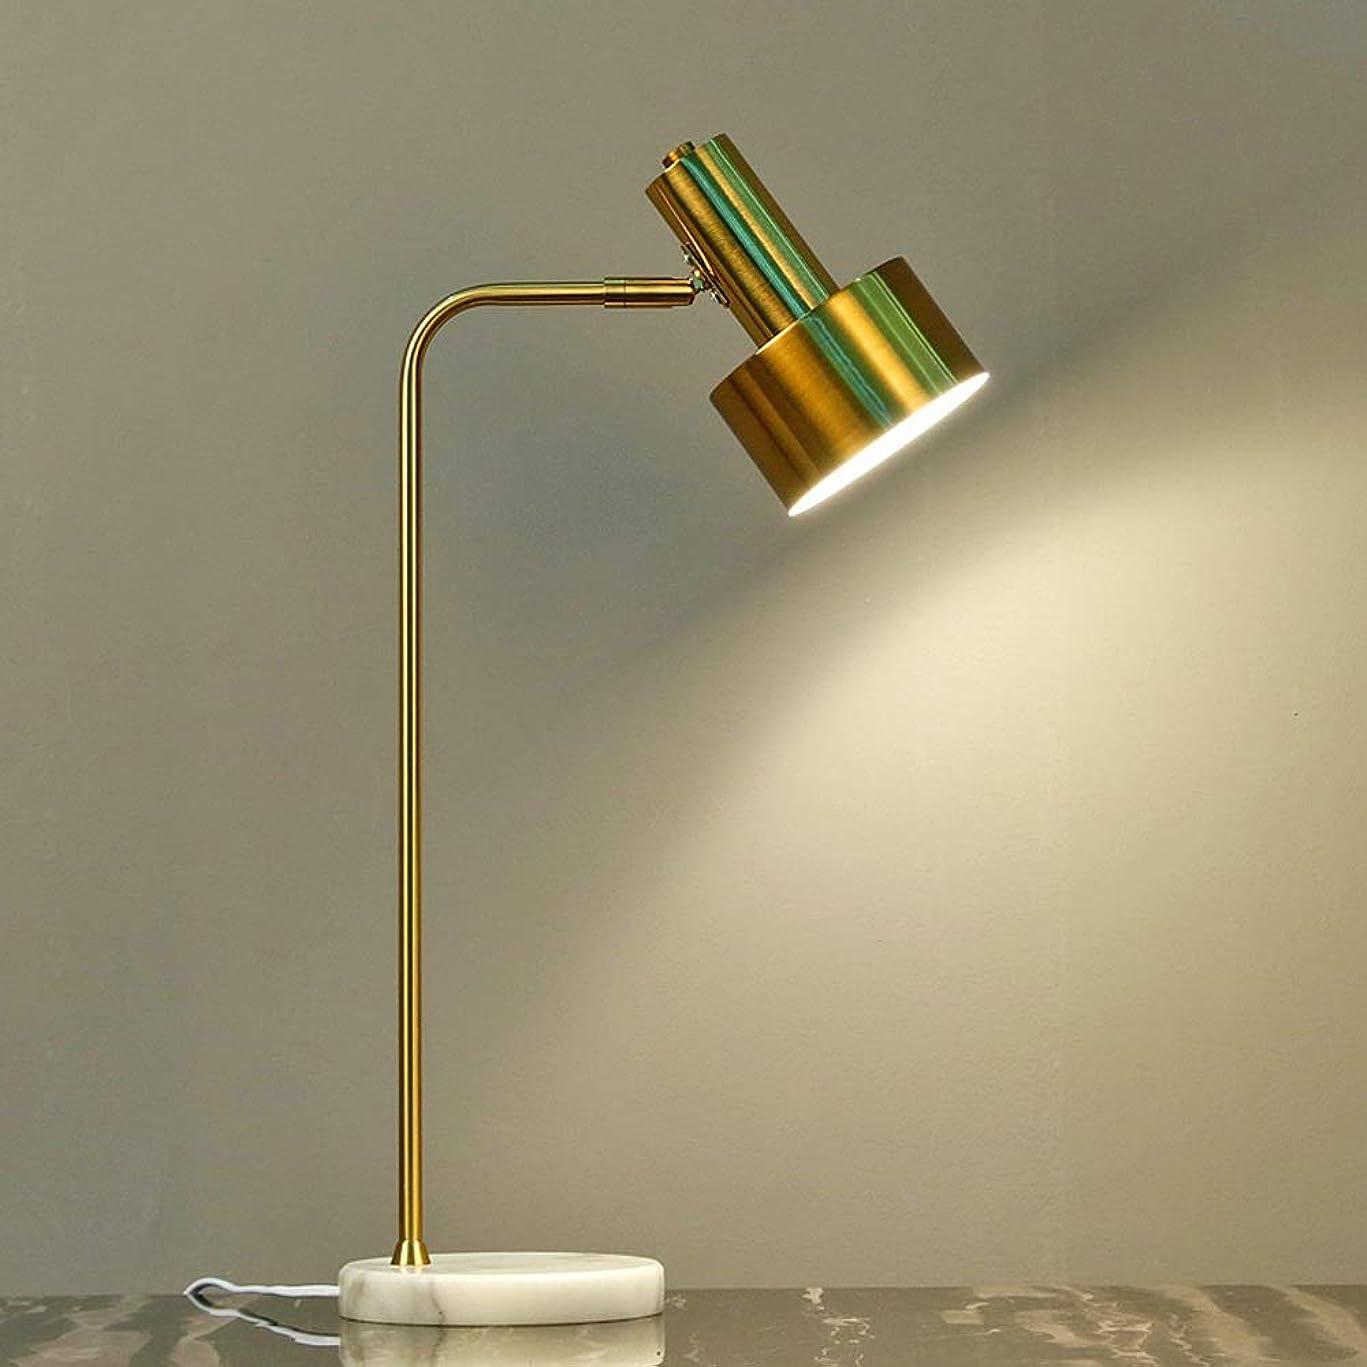 イタリアの性別手つかずの読書ランプの寝室のテーブルランプアメリカの回転ベッドサイドライト調節可能なスイッチ暖かいクリエイティブ北欧インウィンドアイアン照明シンプルモダンデスク照明家のカウンターランプ可動ランプ